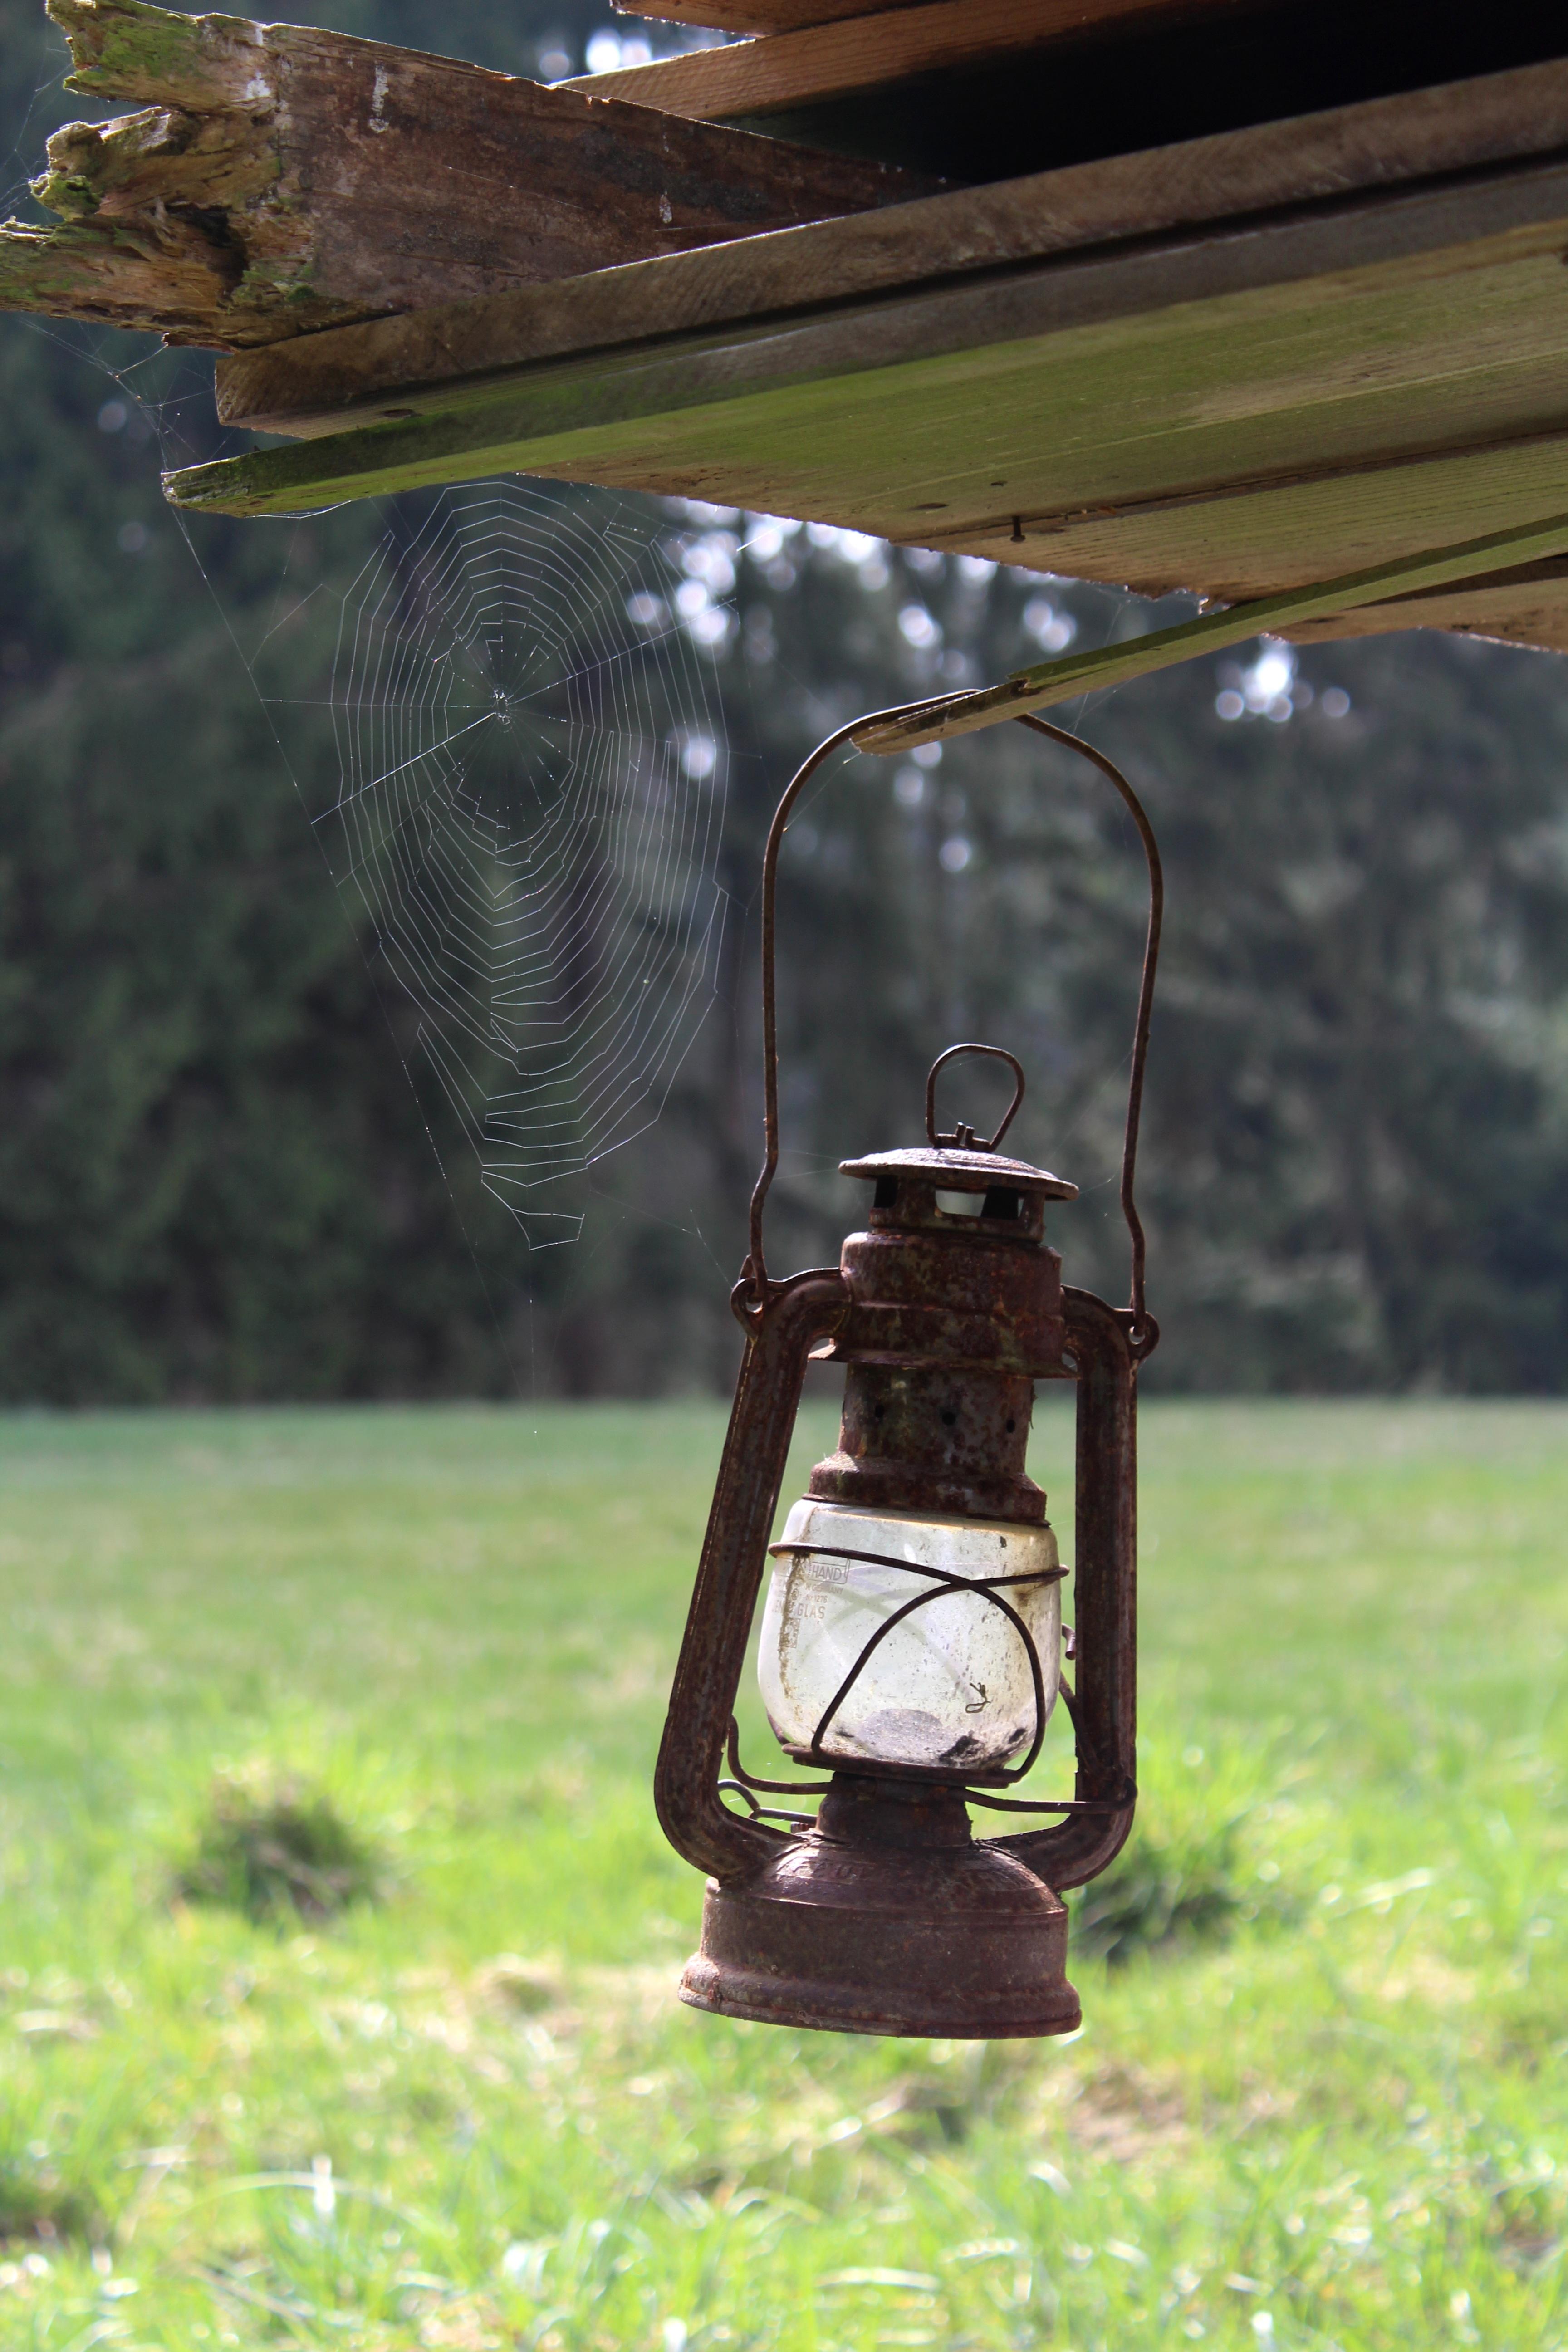 Gratuites pelouse vert lanterne lampe jardin